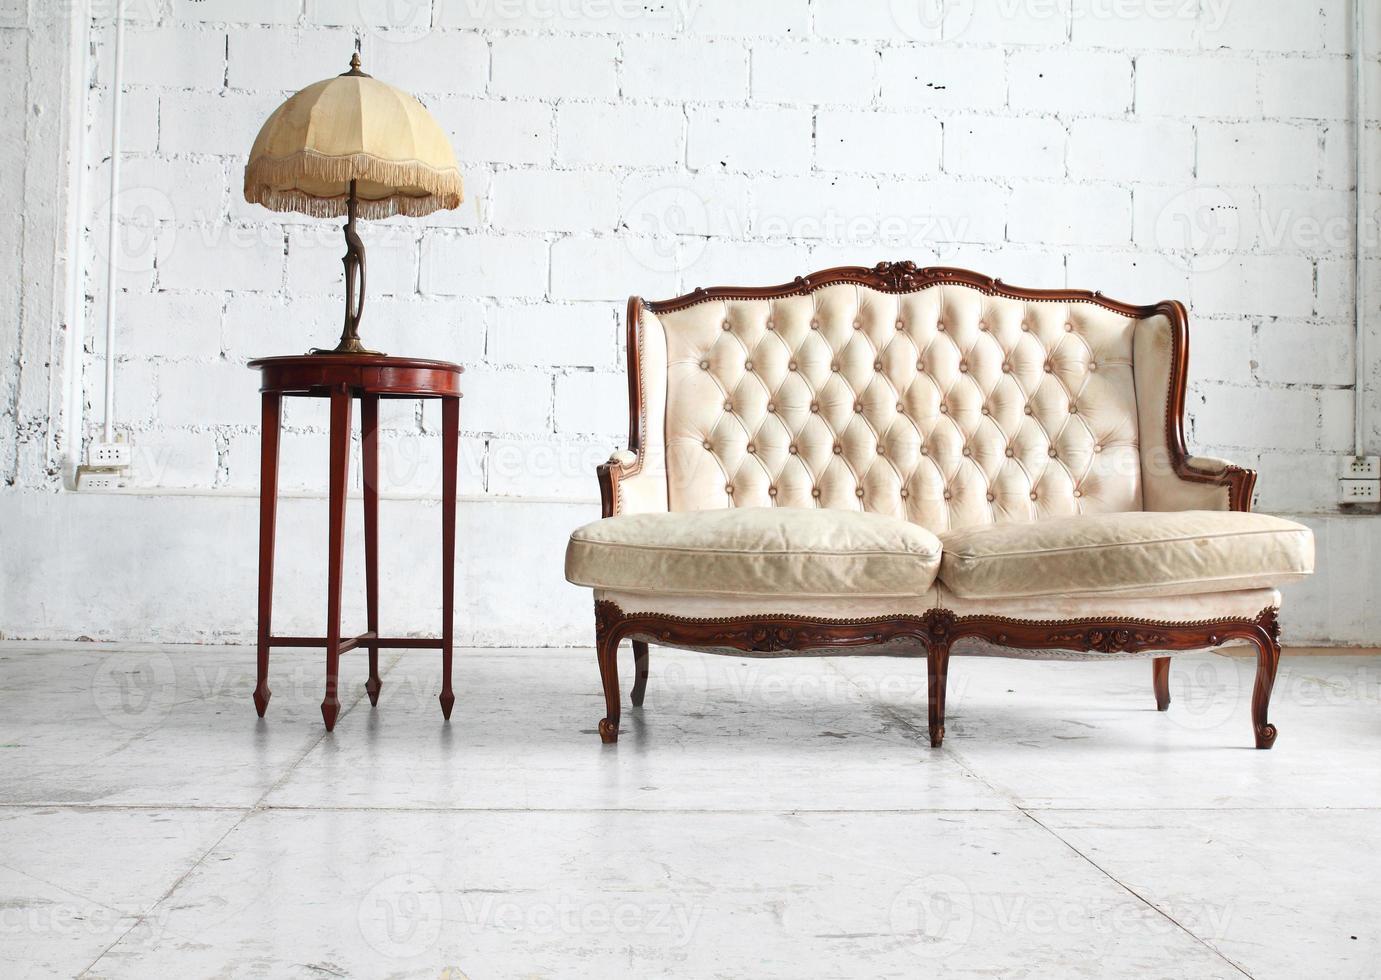 lujoso sofá en sala vintage foto